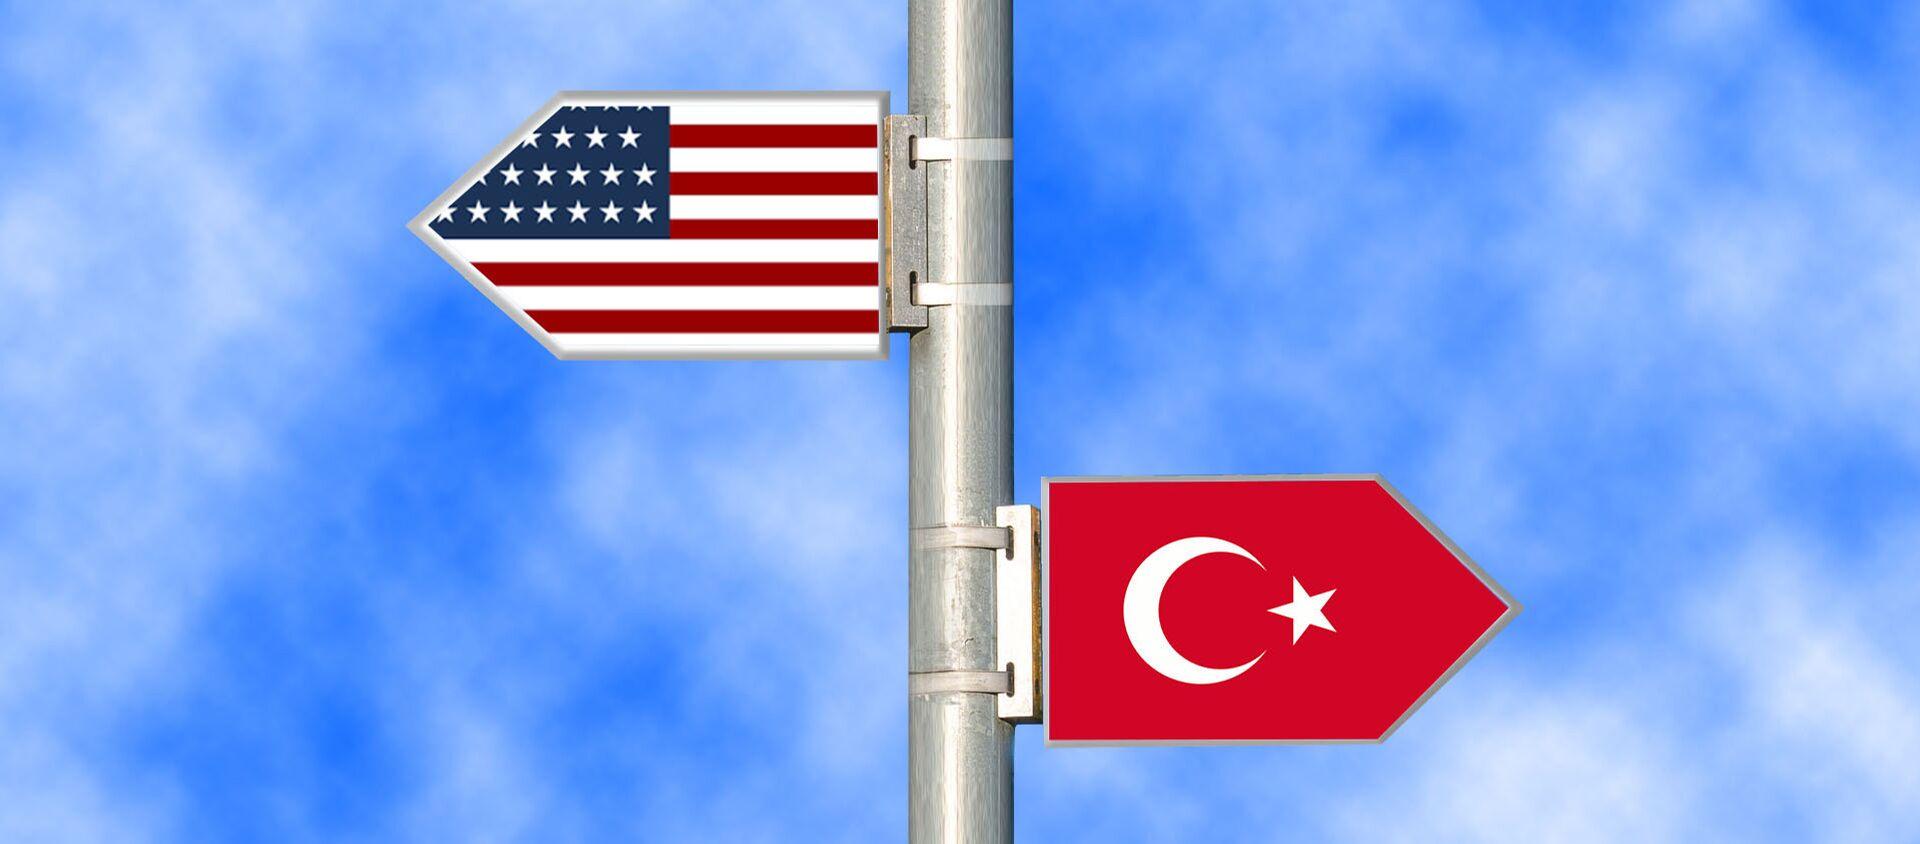 САД и Турска  - Sputnik Србија, 1920, 15.02.2021